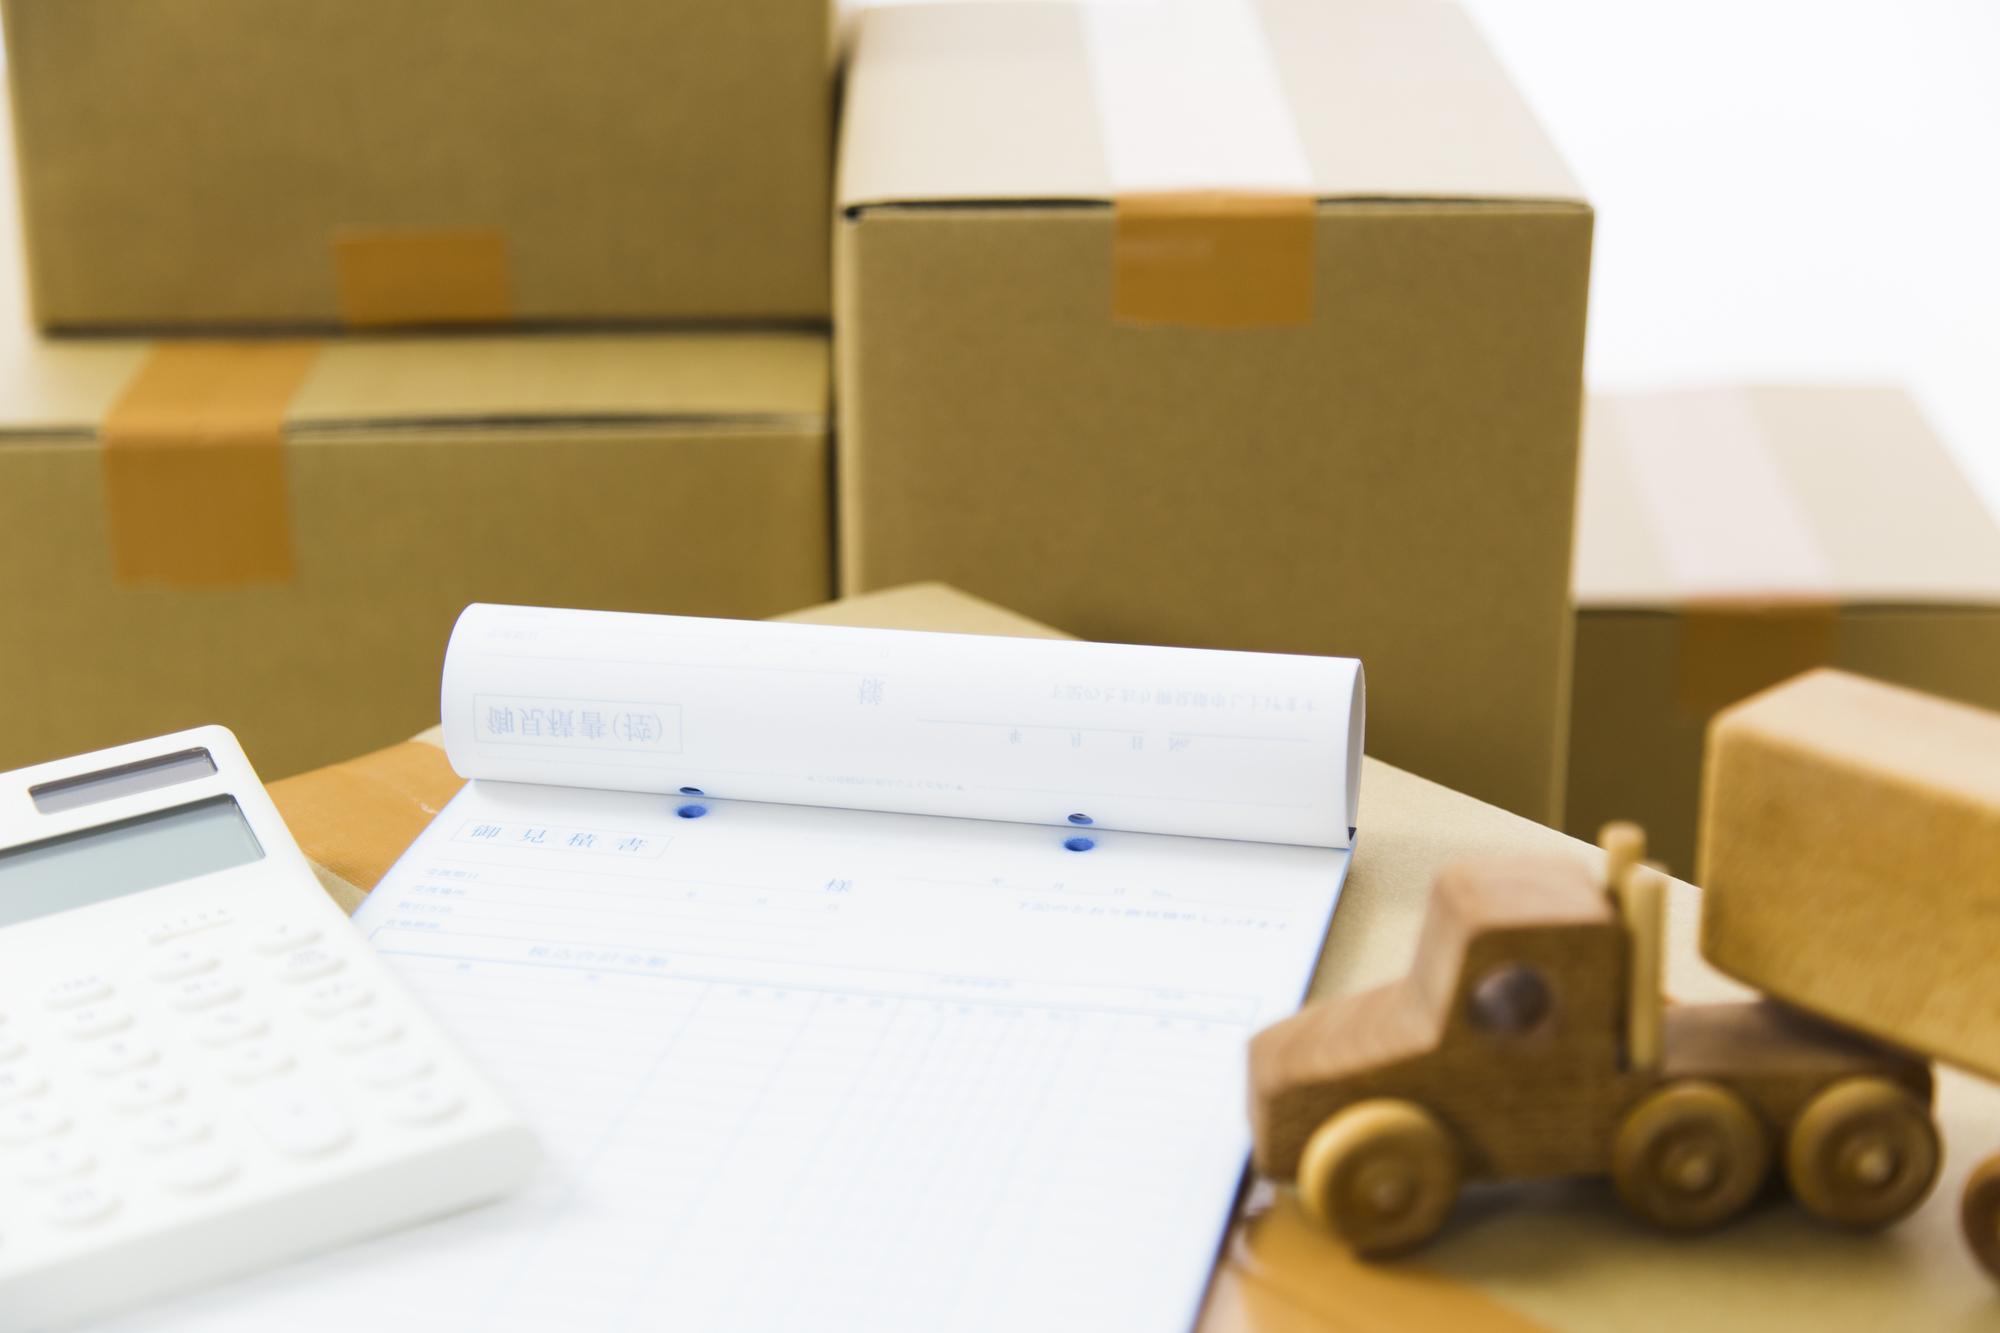 引越しの見積もり書と電卓とおもちゃのトラックと荷物の段ボール